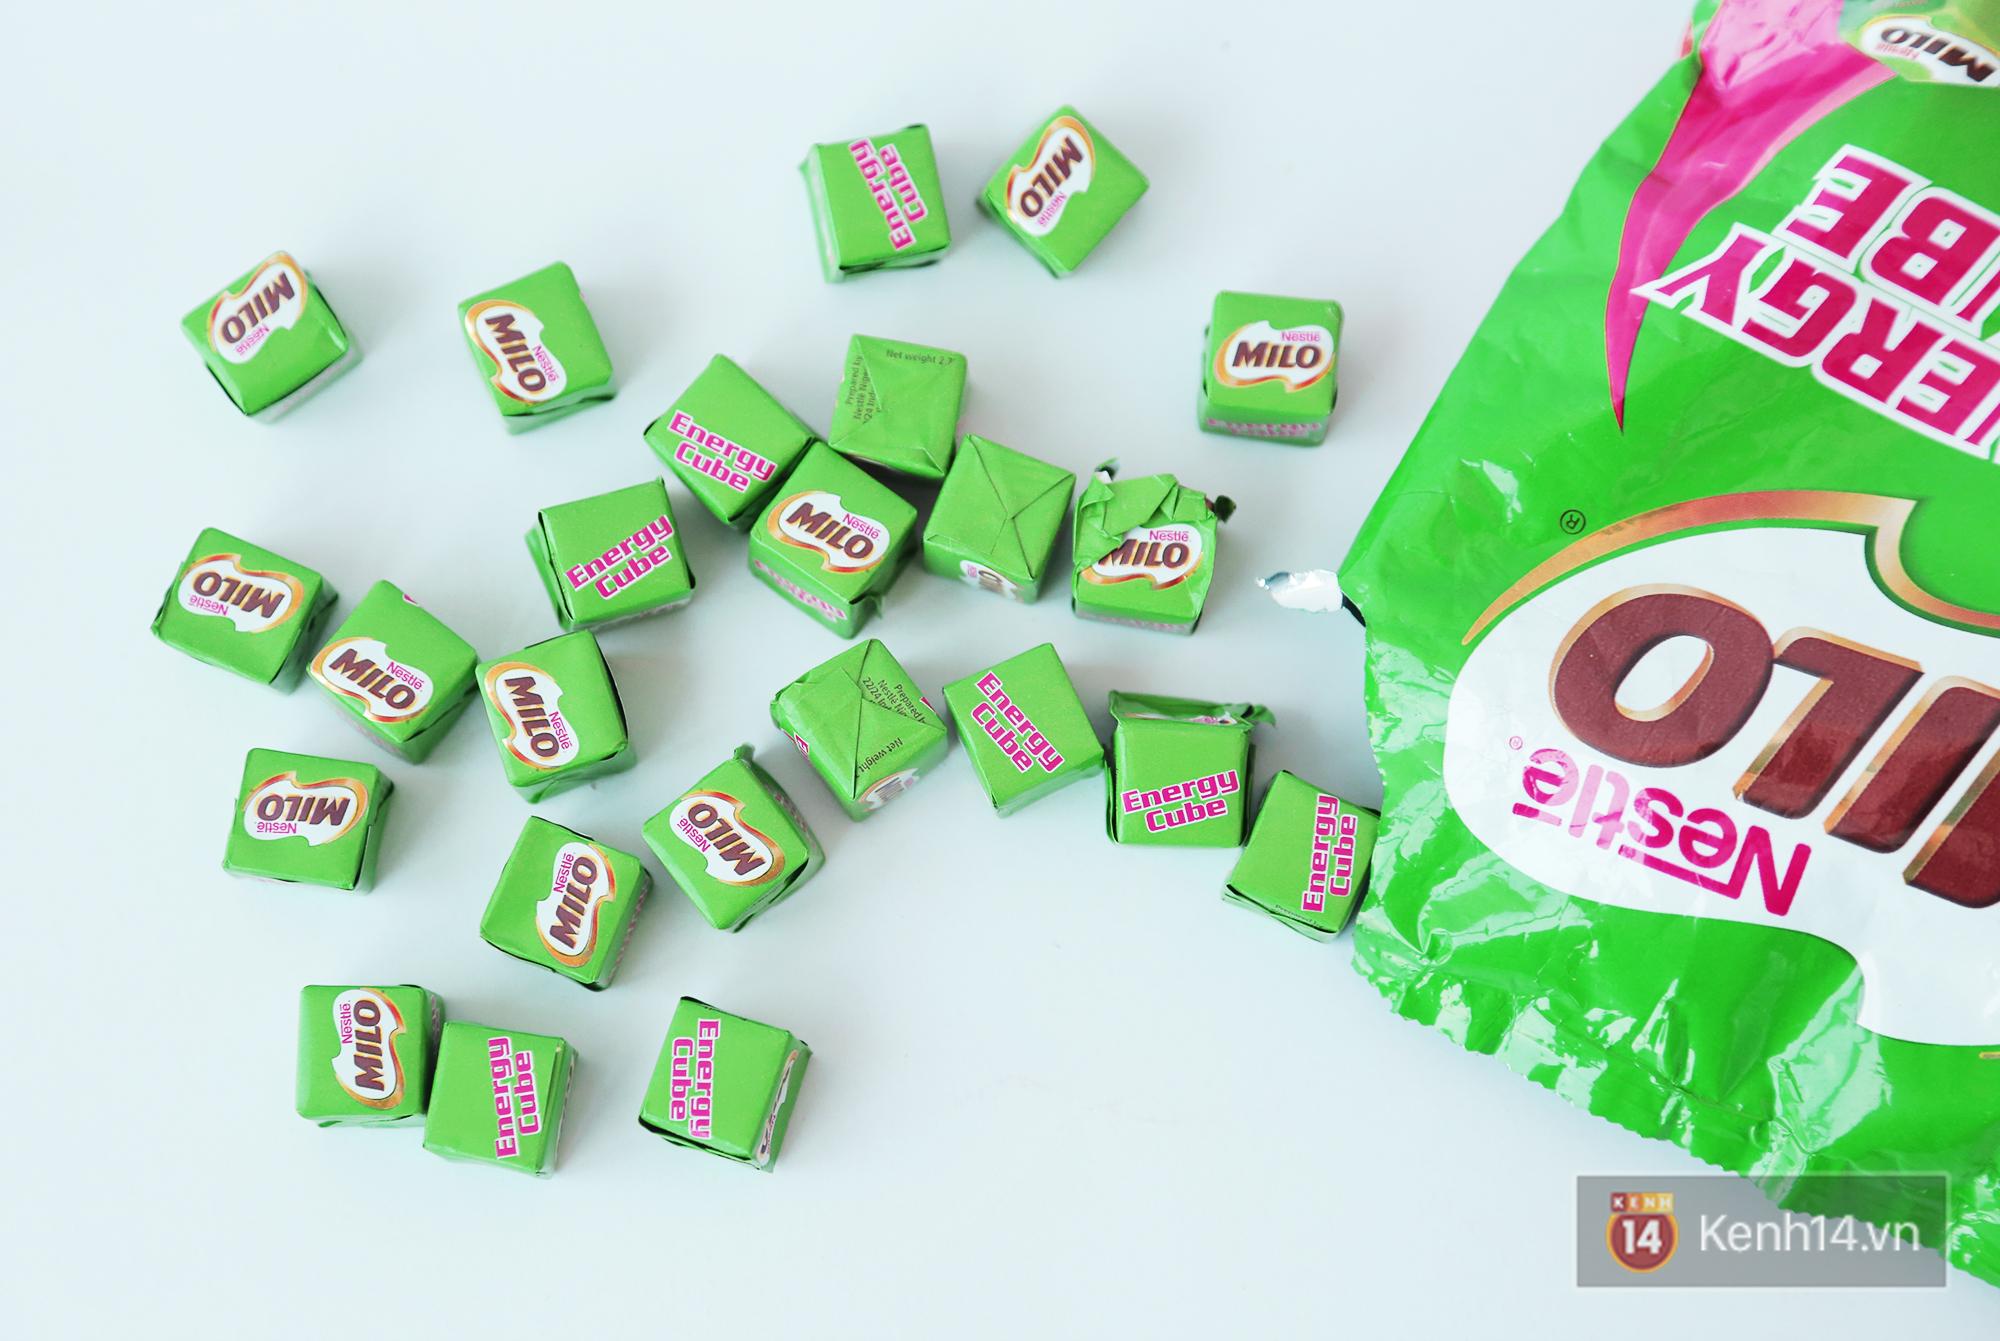 Kết quả hình ảnh cho kẹo chuối – Milo cube